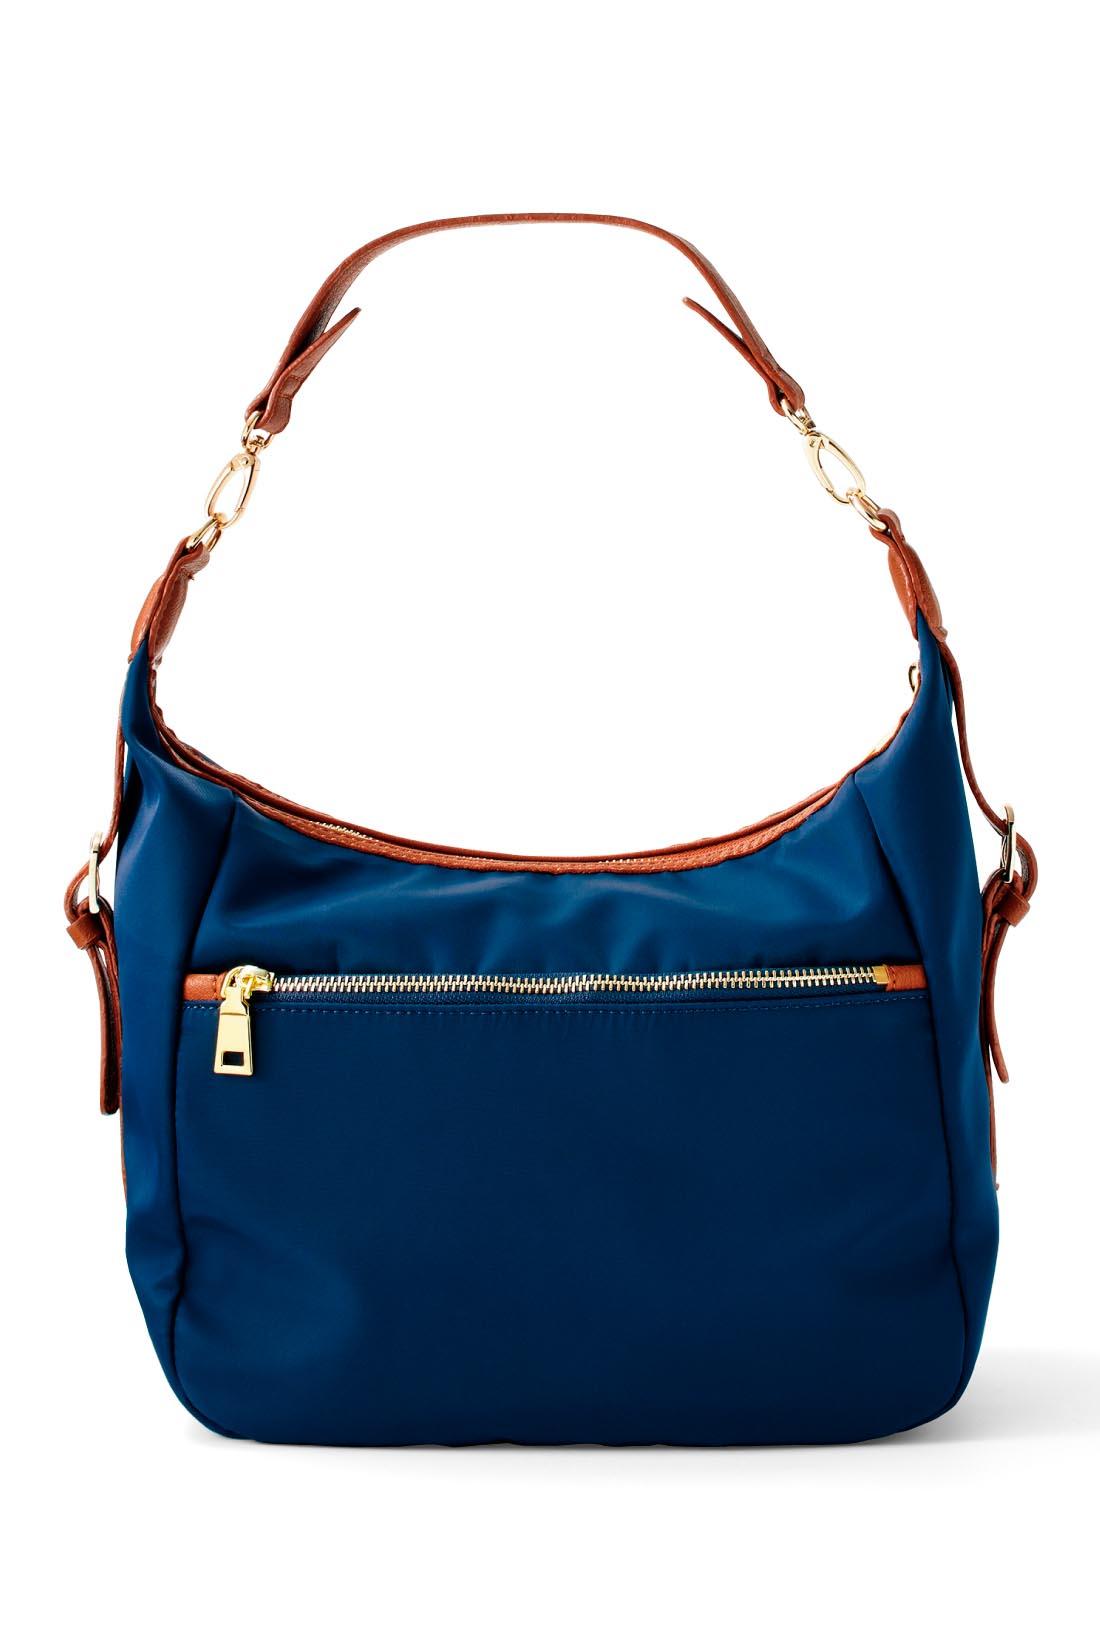 背面にもポケット コインケースや定期など、取り出し頻度が多い貴重品を入れるのに便利なファスナー付きポケット。